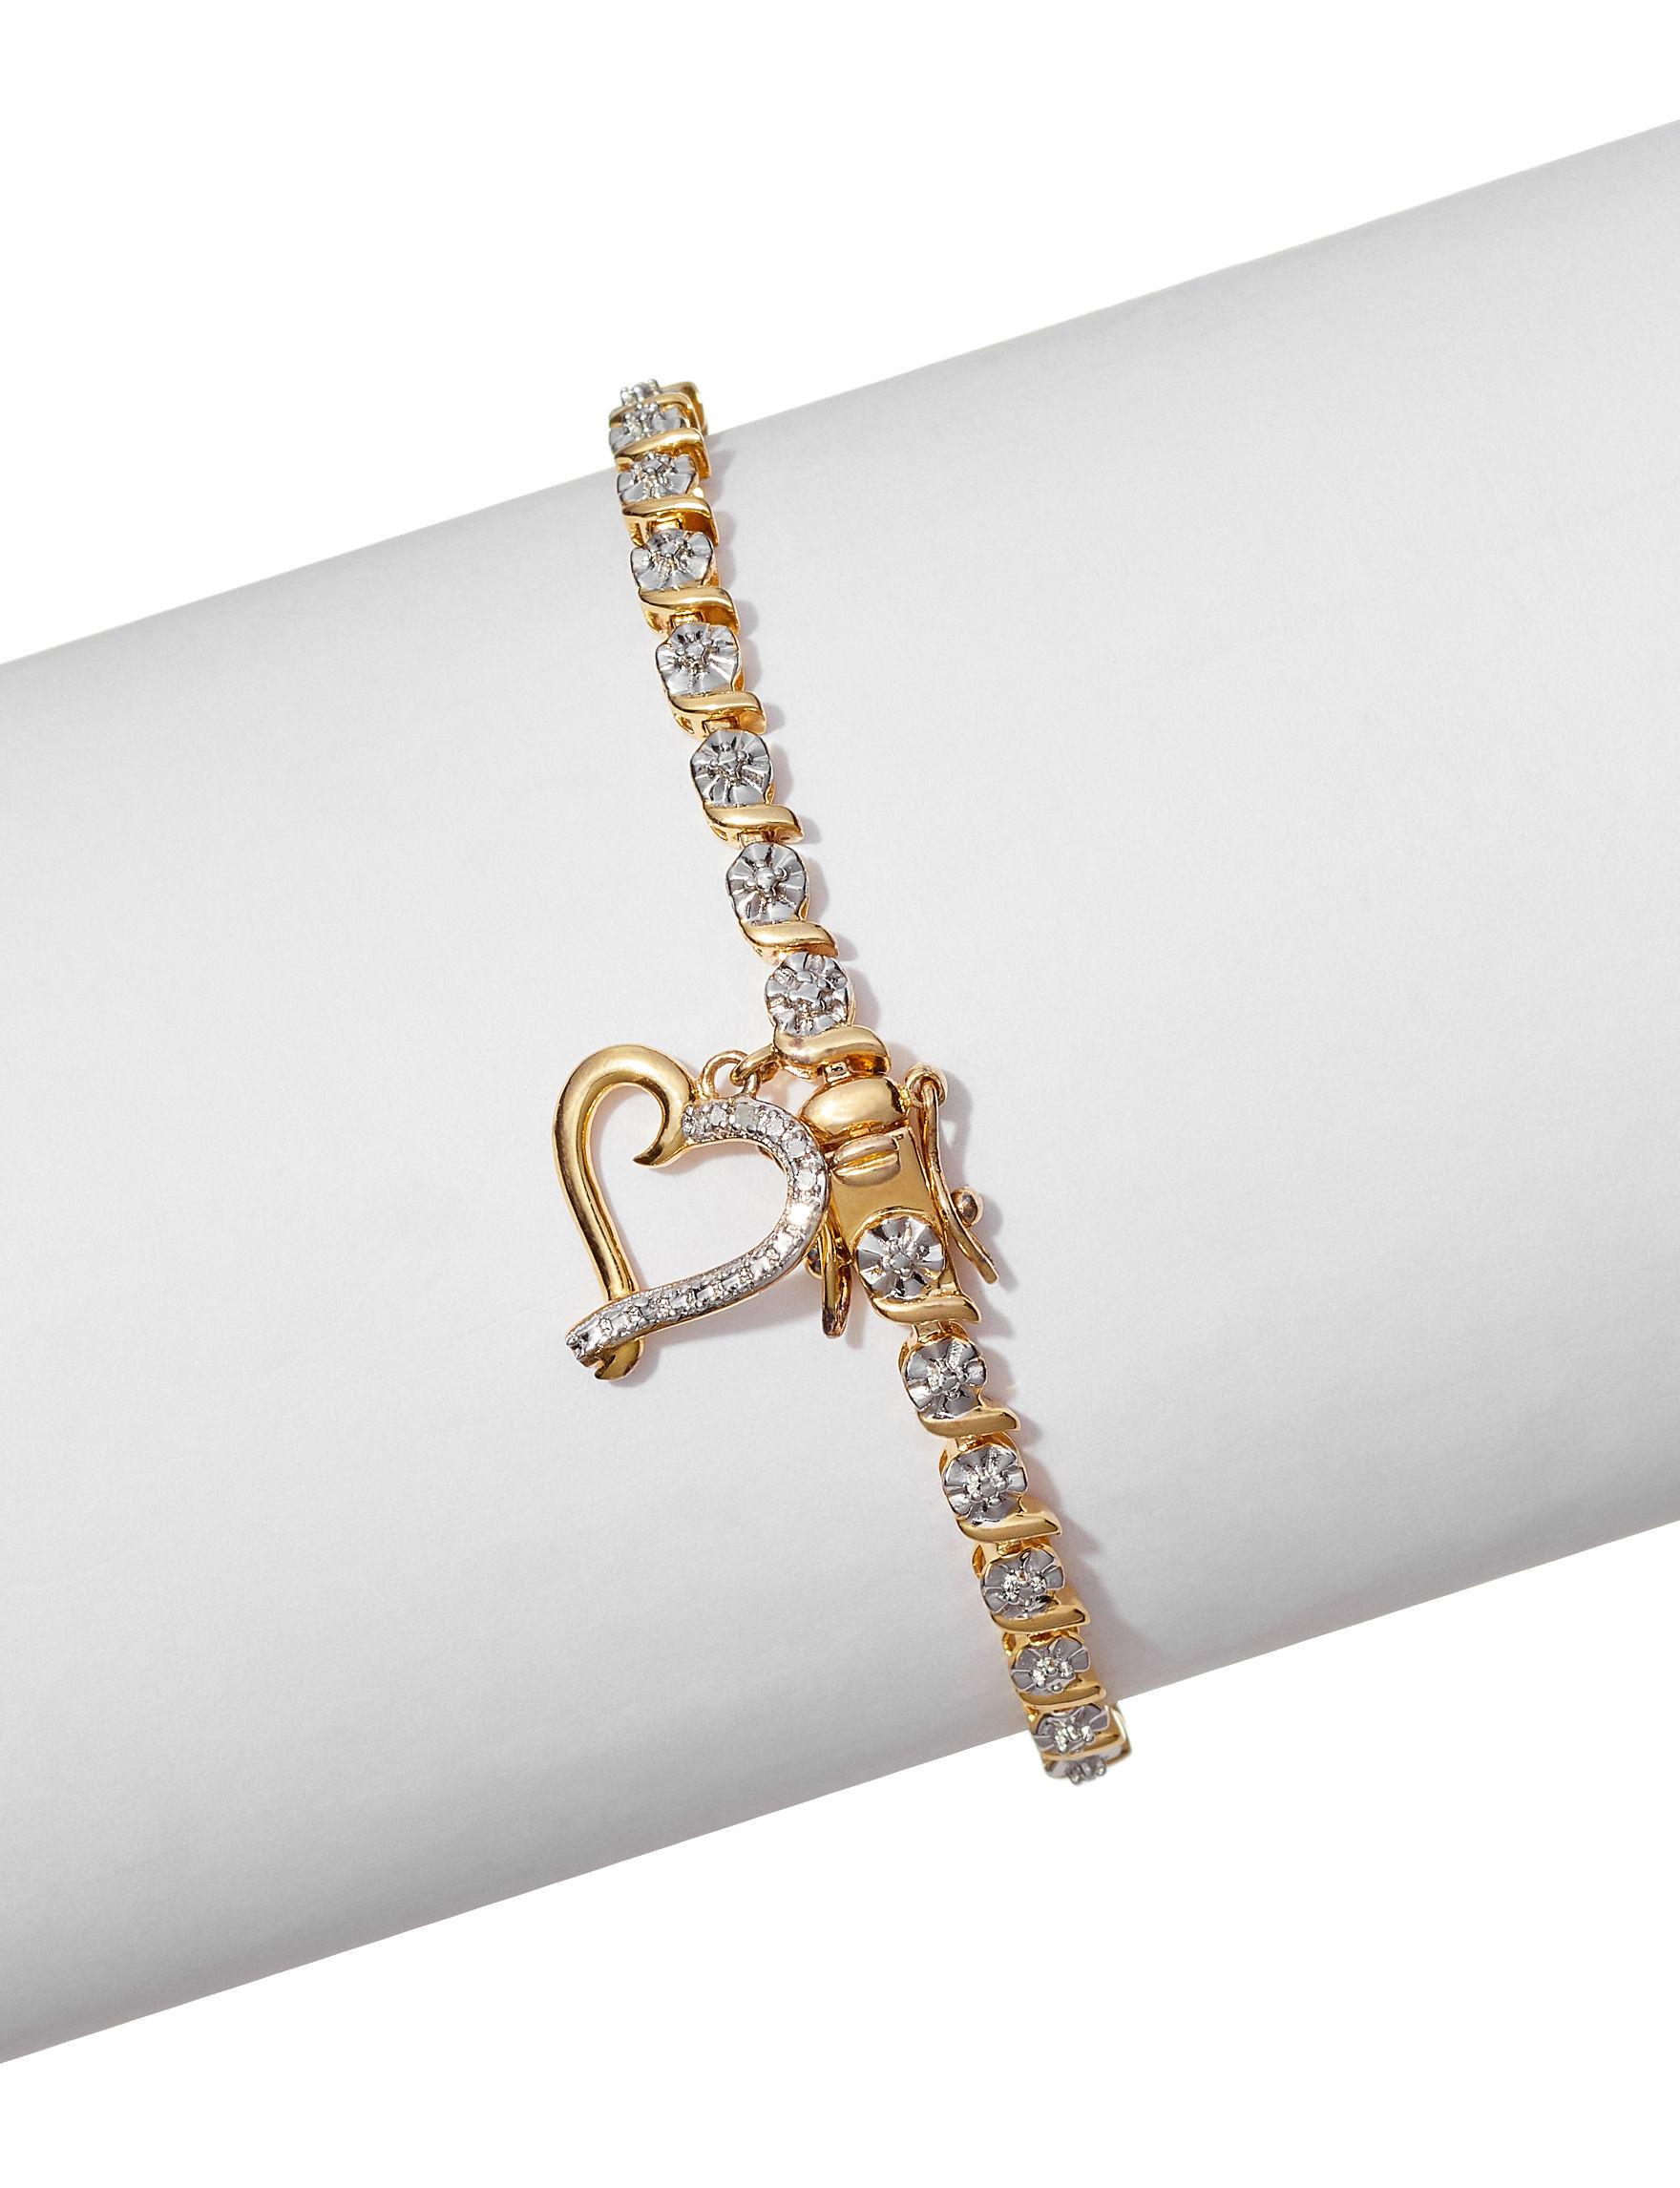 PAJ INC. Gold / Crystal Bracelets Fine Jewelry